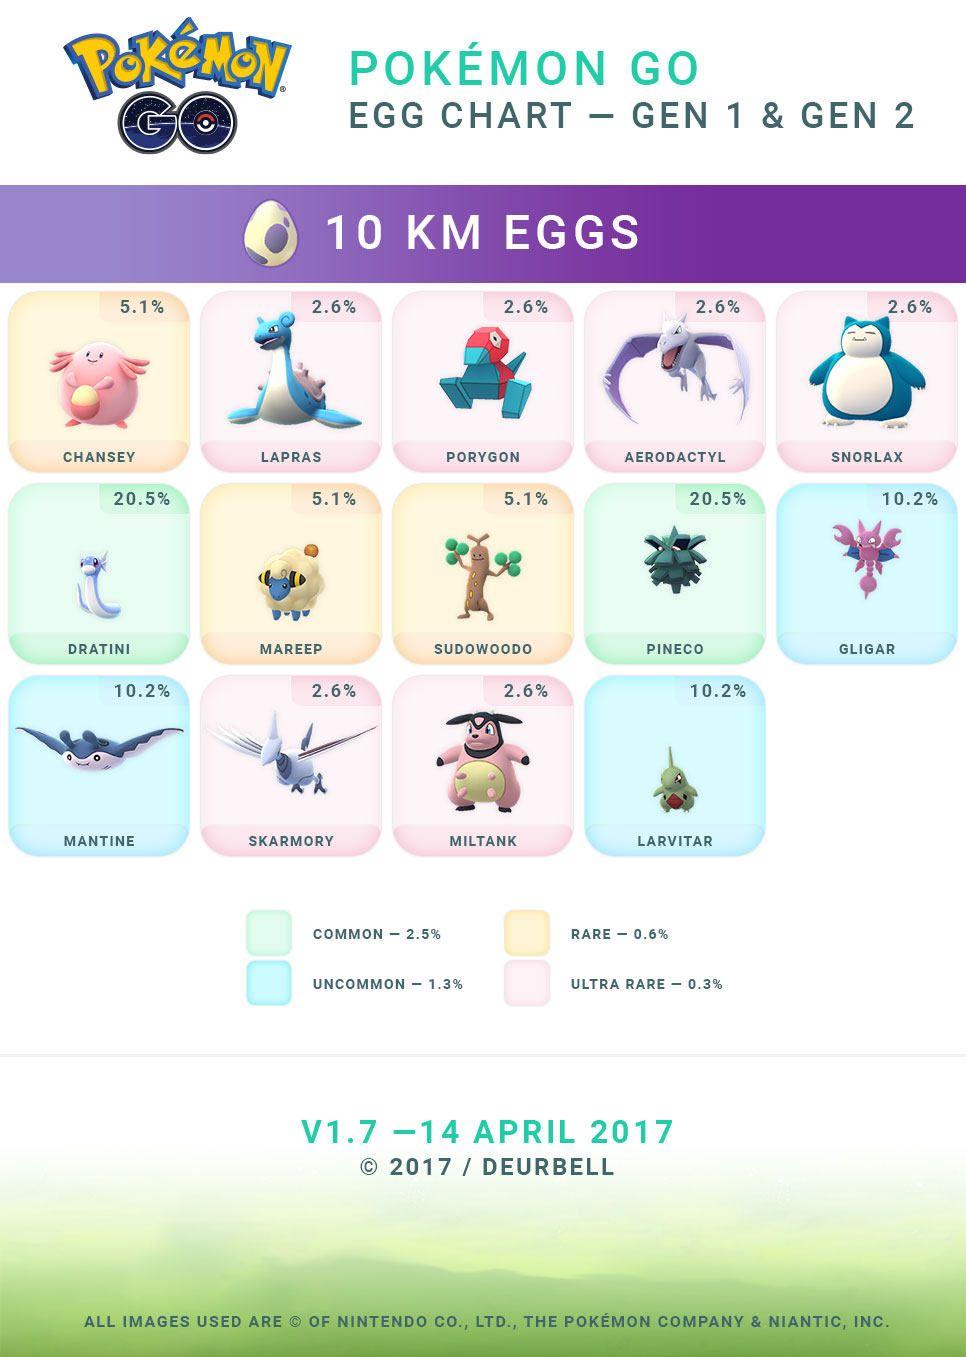 pokemon go easter event egg chart Egg chart, Pokemon go